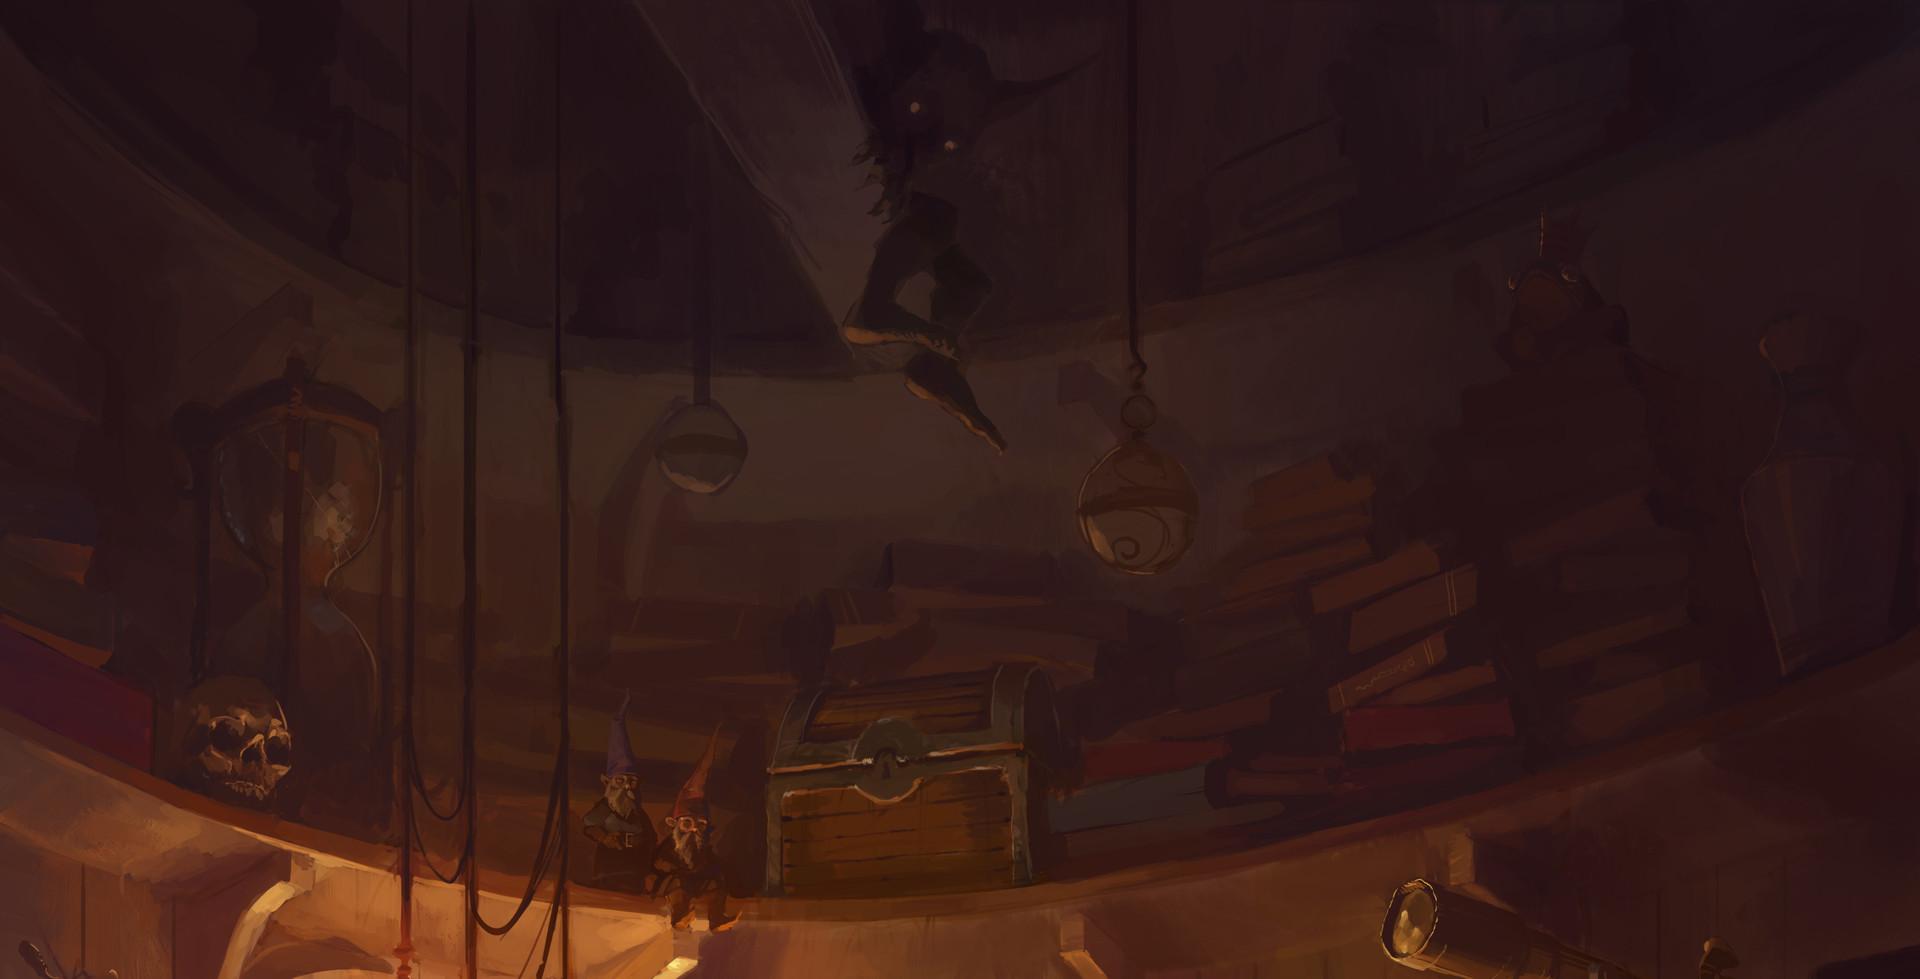 Pedro kruger garcia mind library close up2